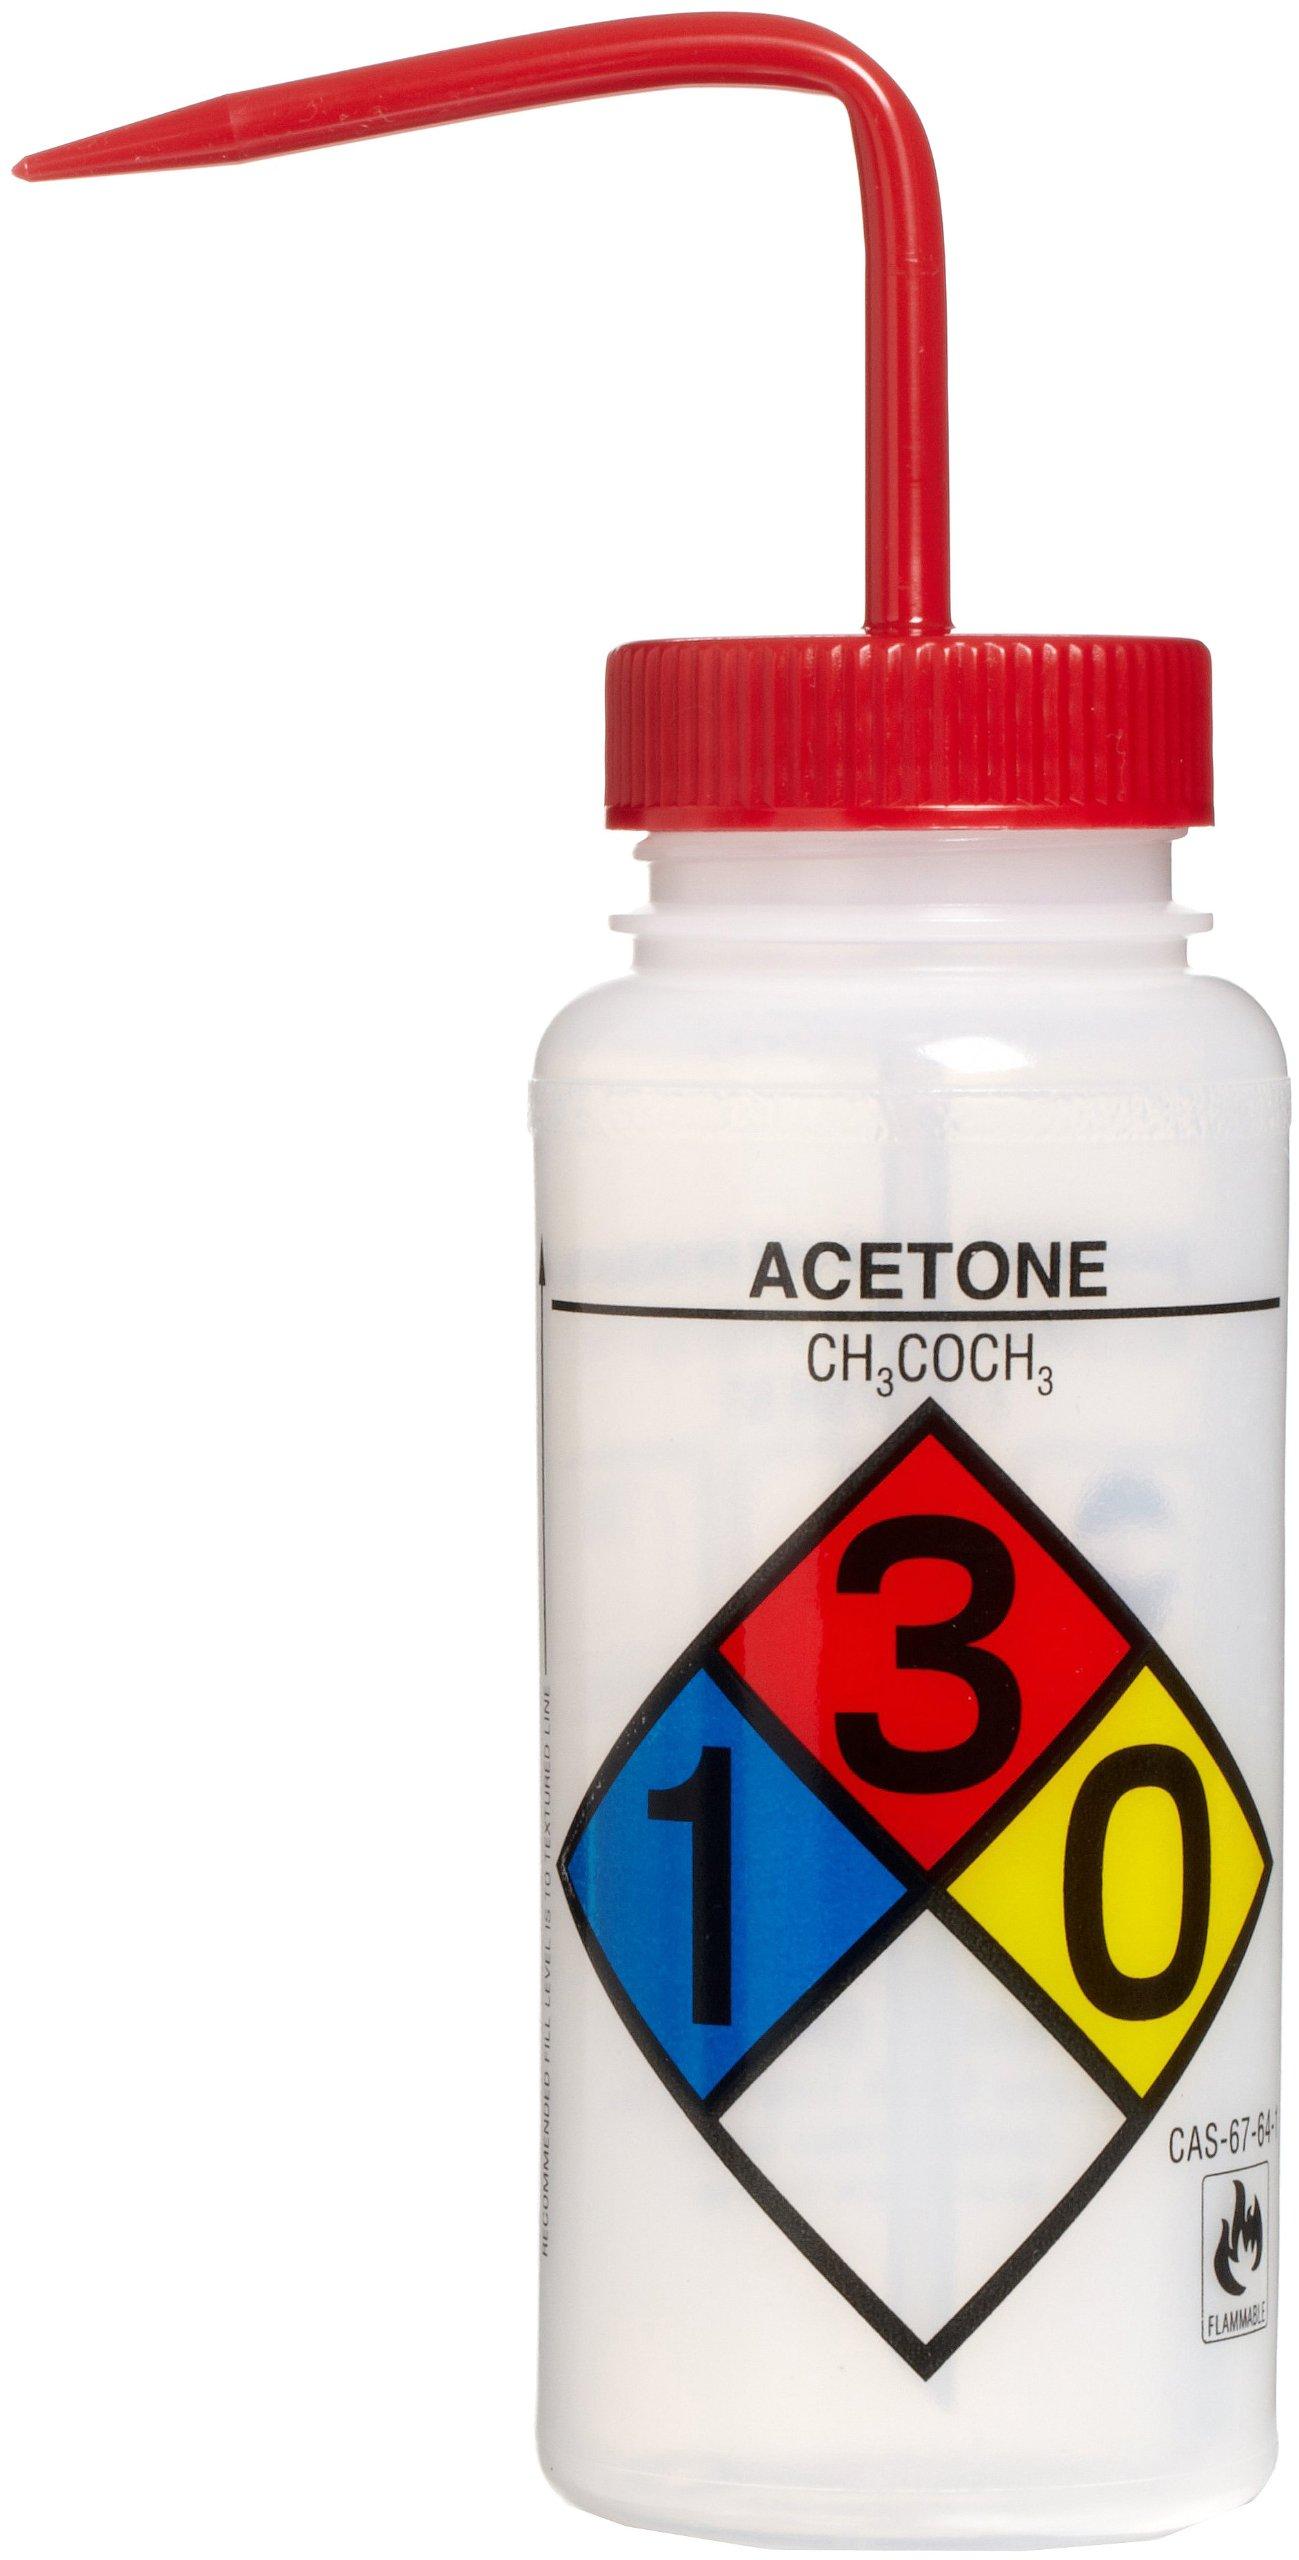 Bel-Art Safety-Labeled 4-Color Acetone Wide-Mouth Wash Bottles; 500ml (16oz), Polyethylene w/Red Polypropylene Cap (Pack of 4) (F11716-0001)